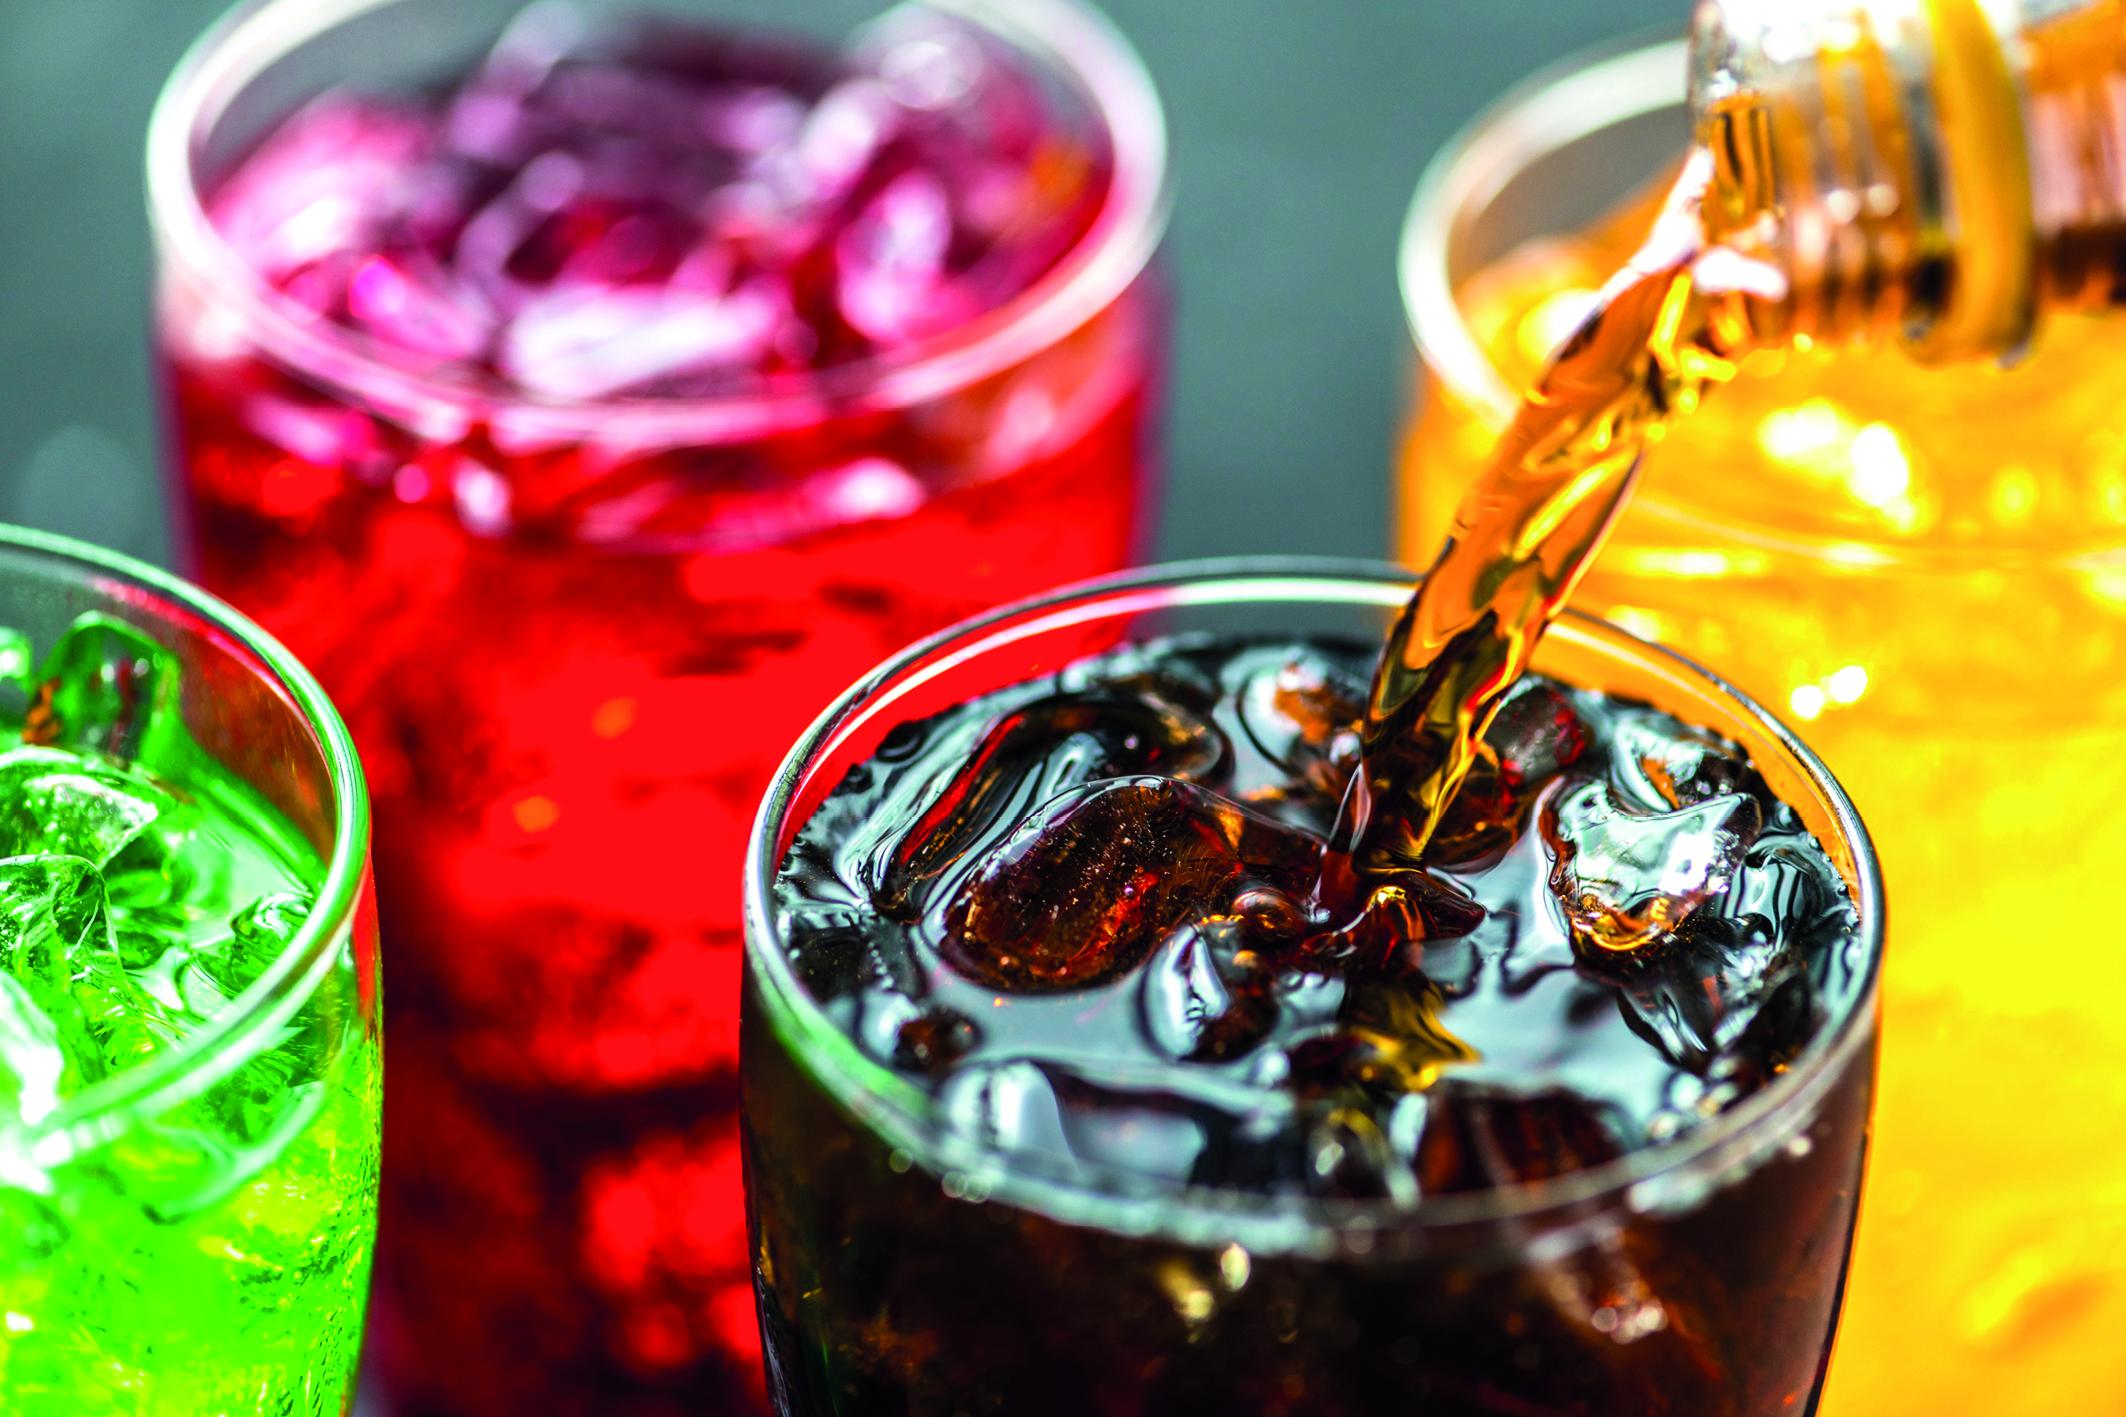 Gesunde Ernährung: Getränke können eine Kalorienfalle sein